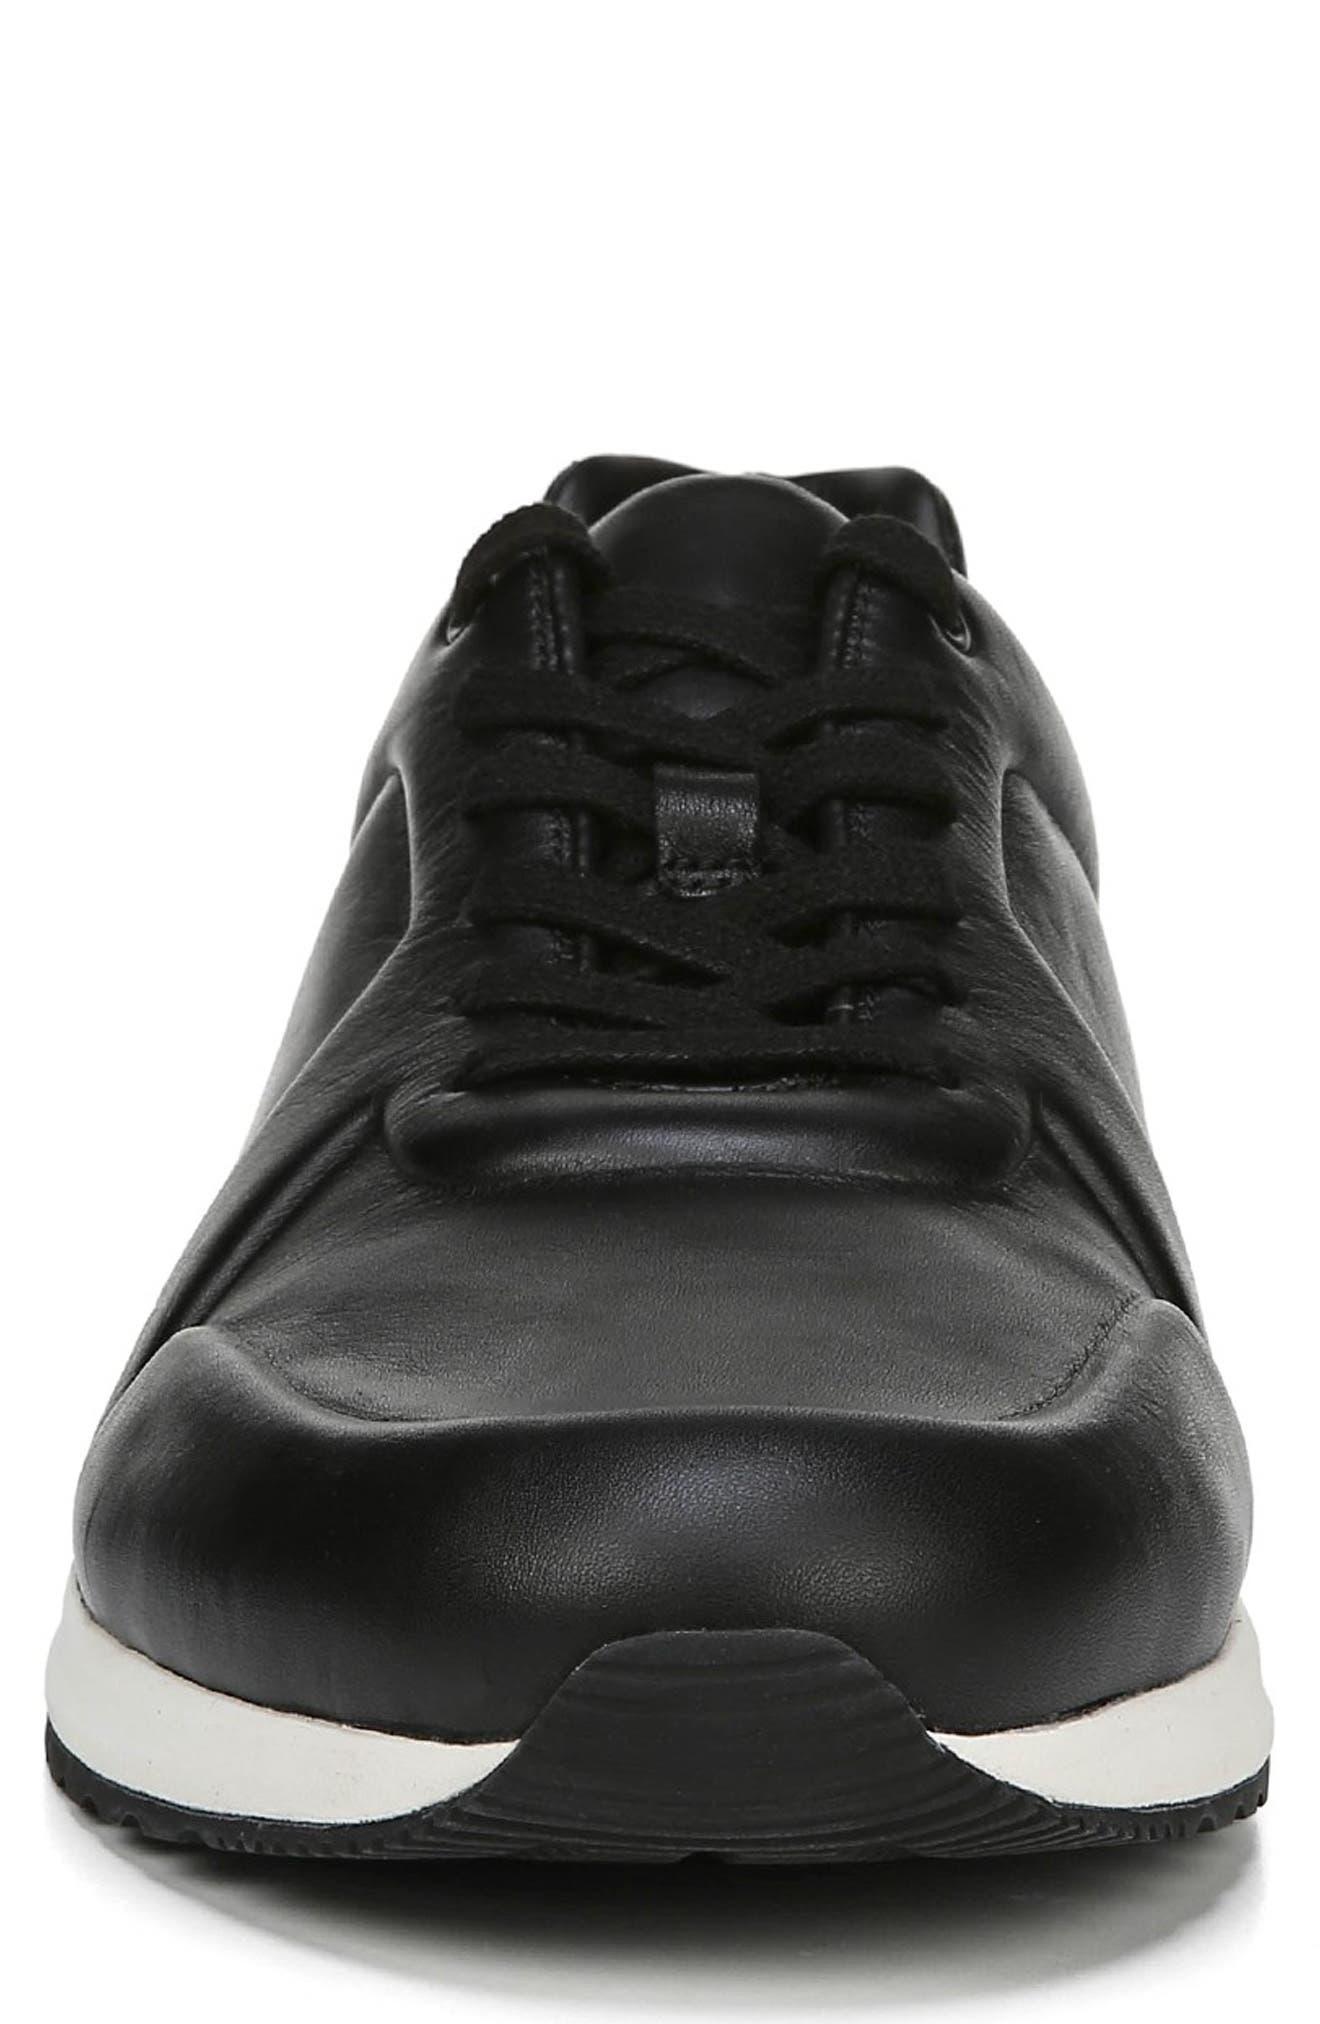 Garrett Sneaker,                             Alternate thumbnail 4, color,                             BLACK/ BLACK